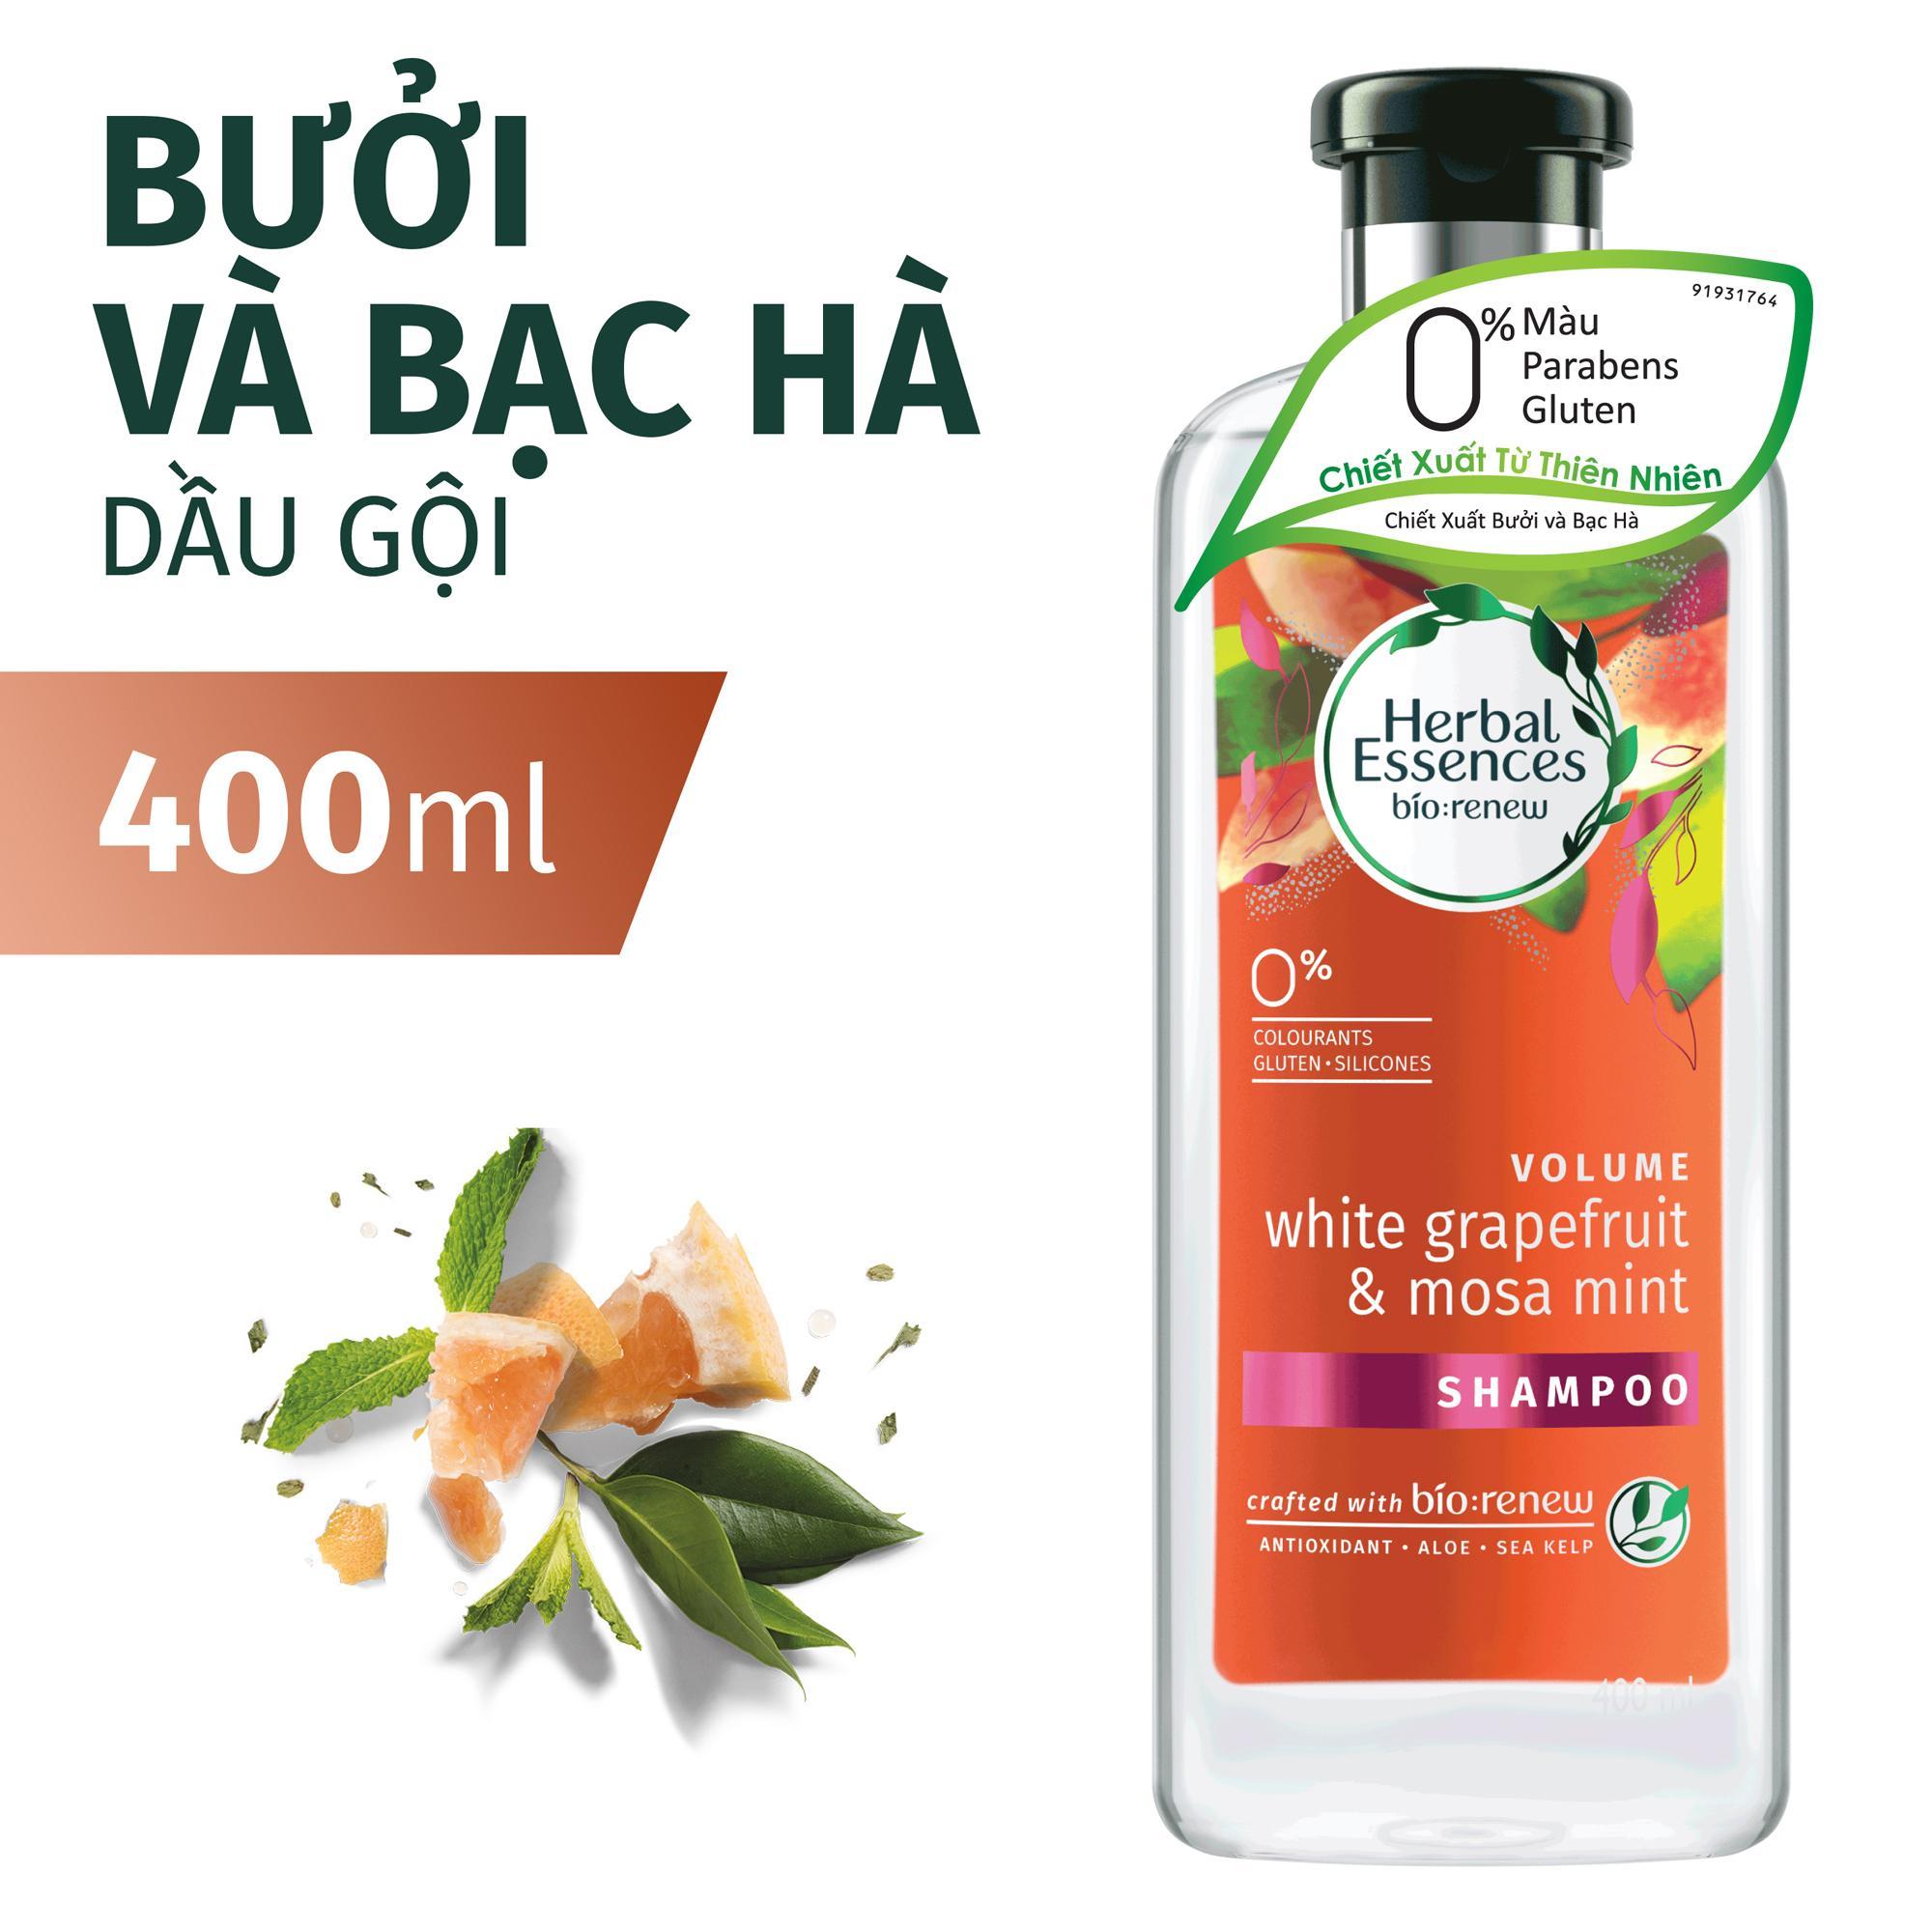 Dầu Gội Herbal Essences Bưởi Và Bạc Hà (400ml)